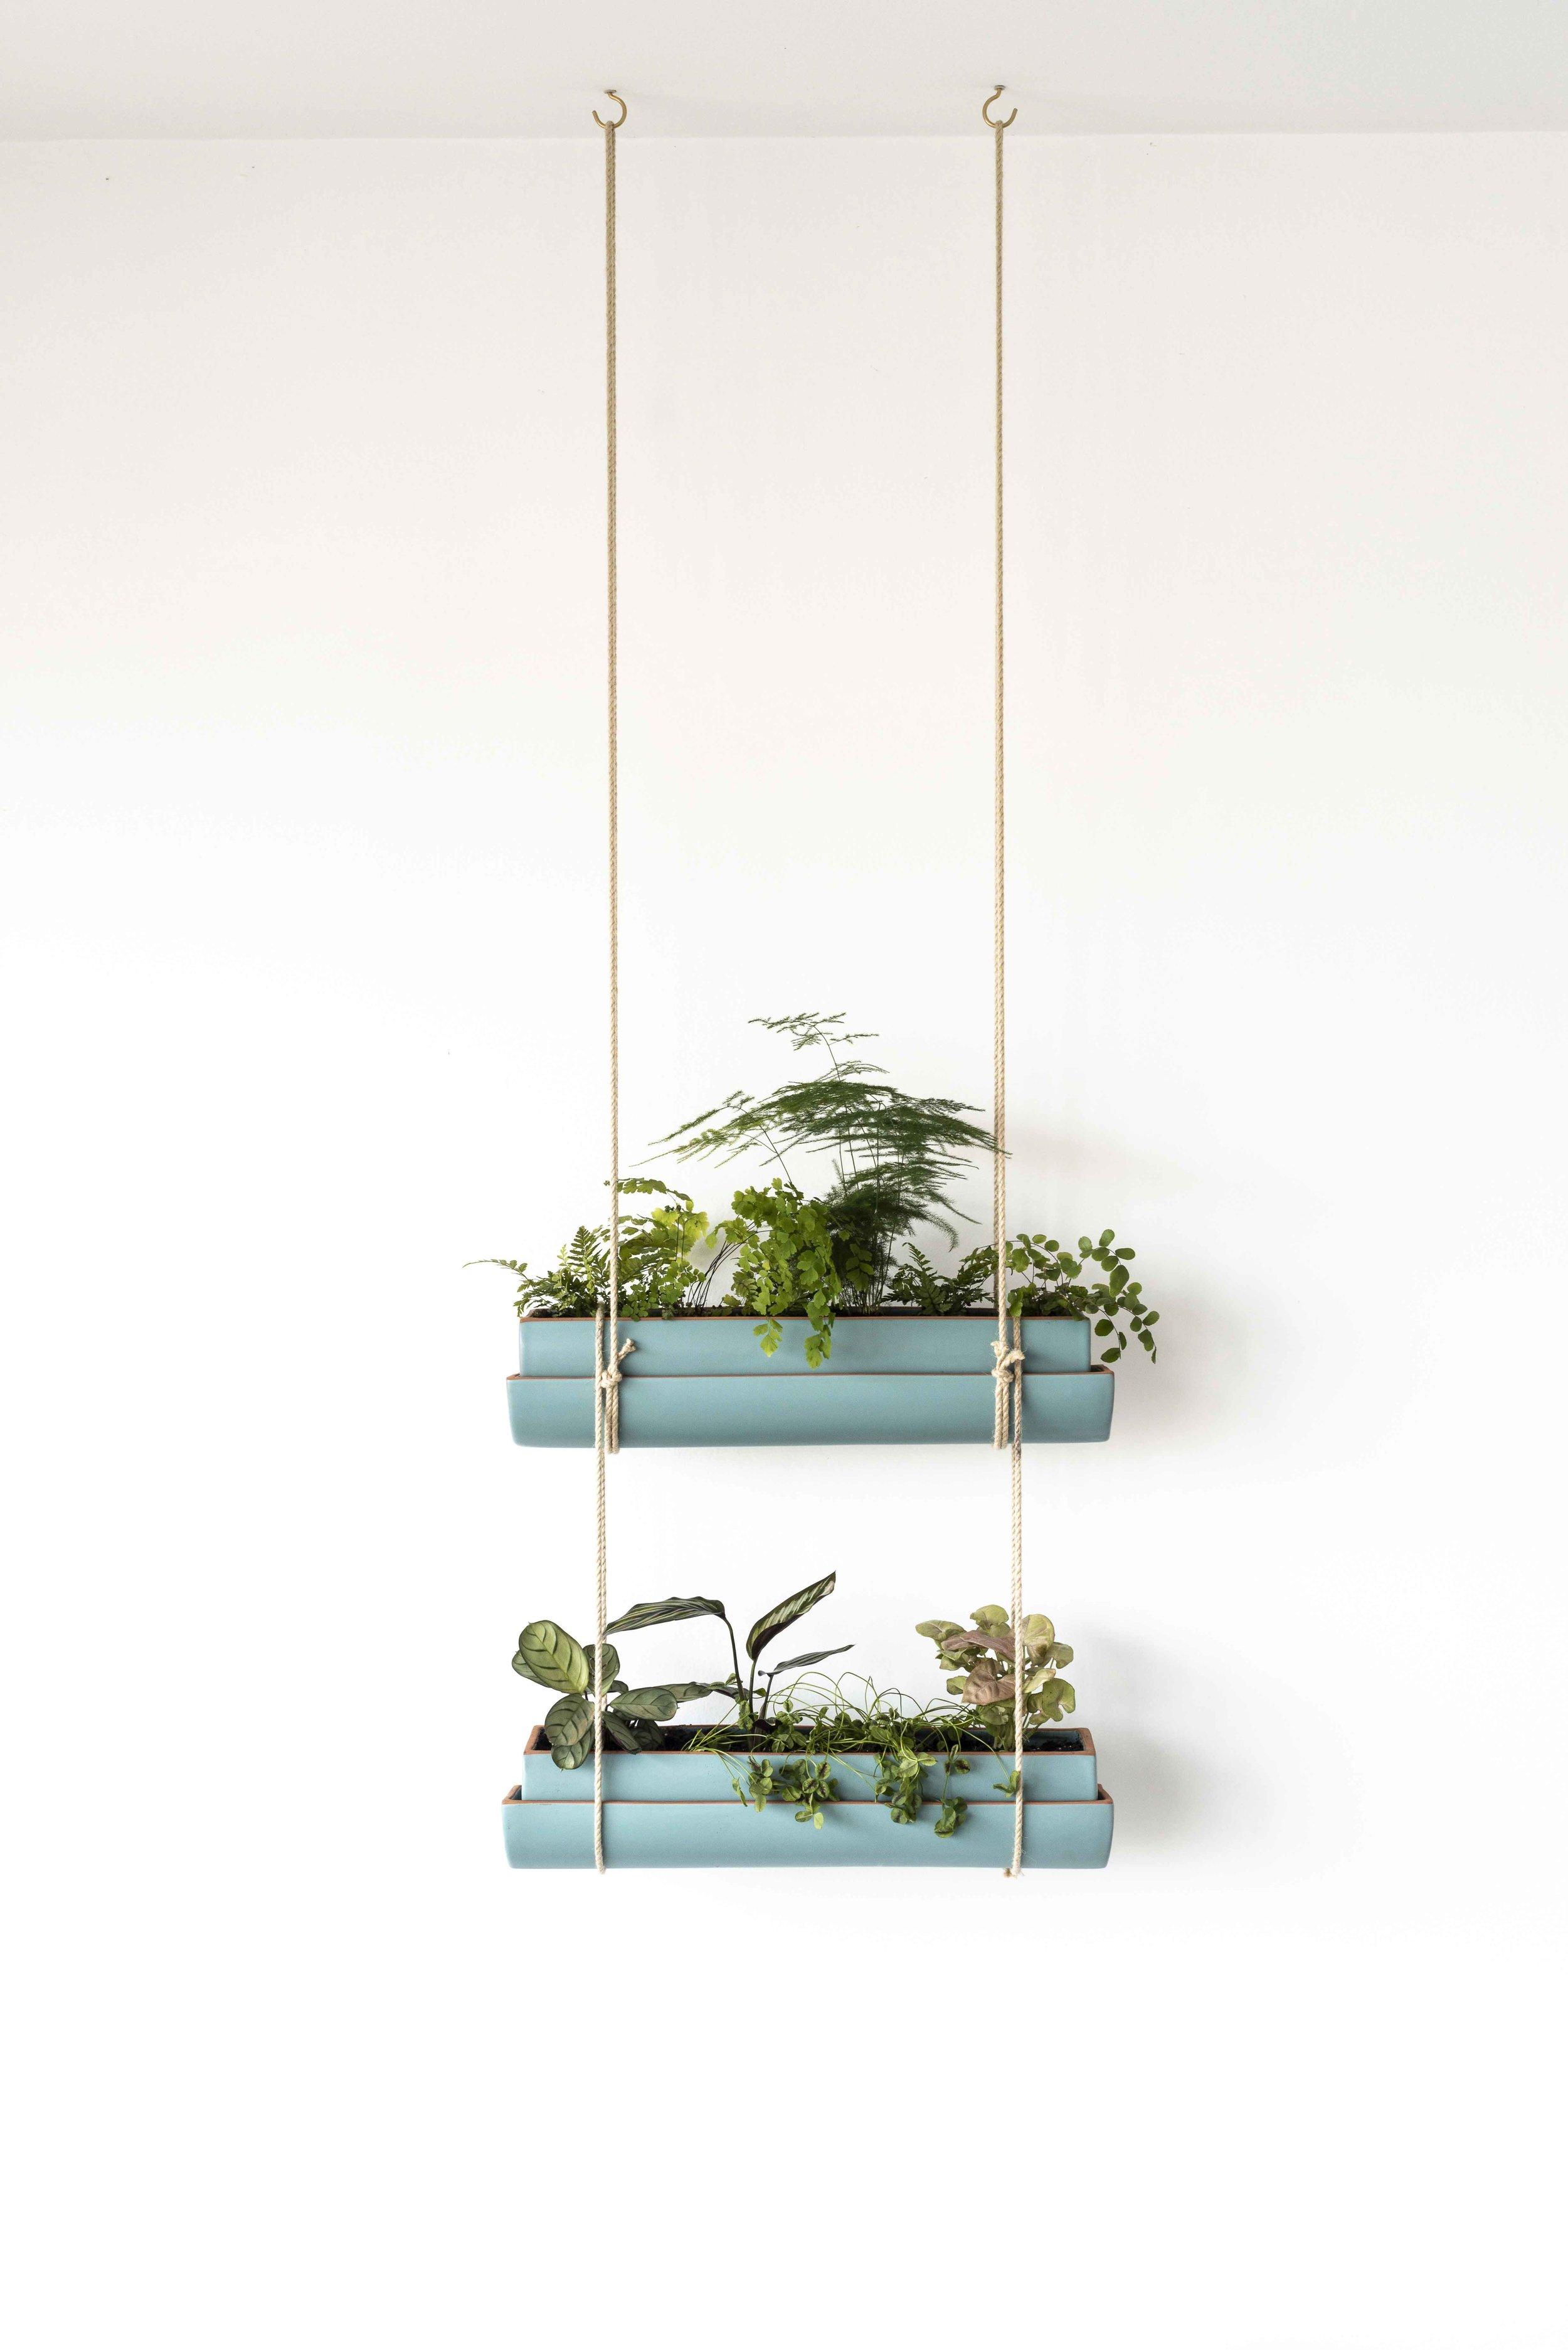 - Insérez votre seconde jardinière dans les cordes inférieuresSi vous suspendez plus de deux étages continuez selon le même principe.